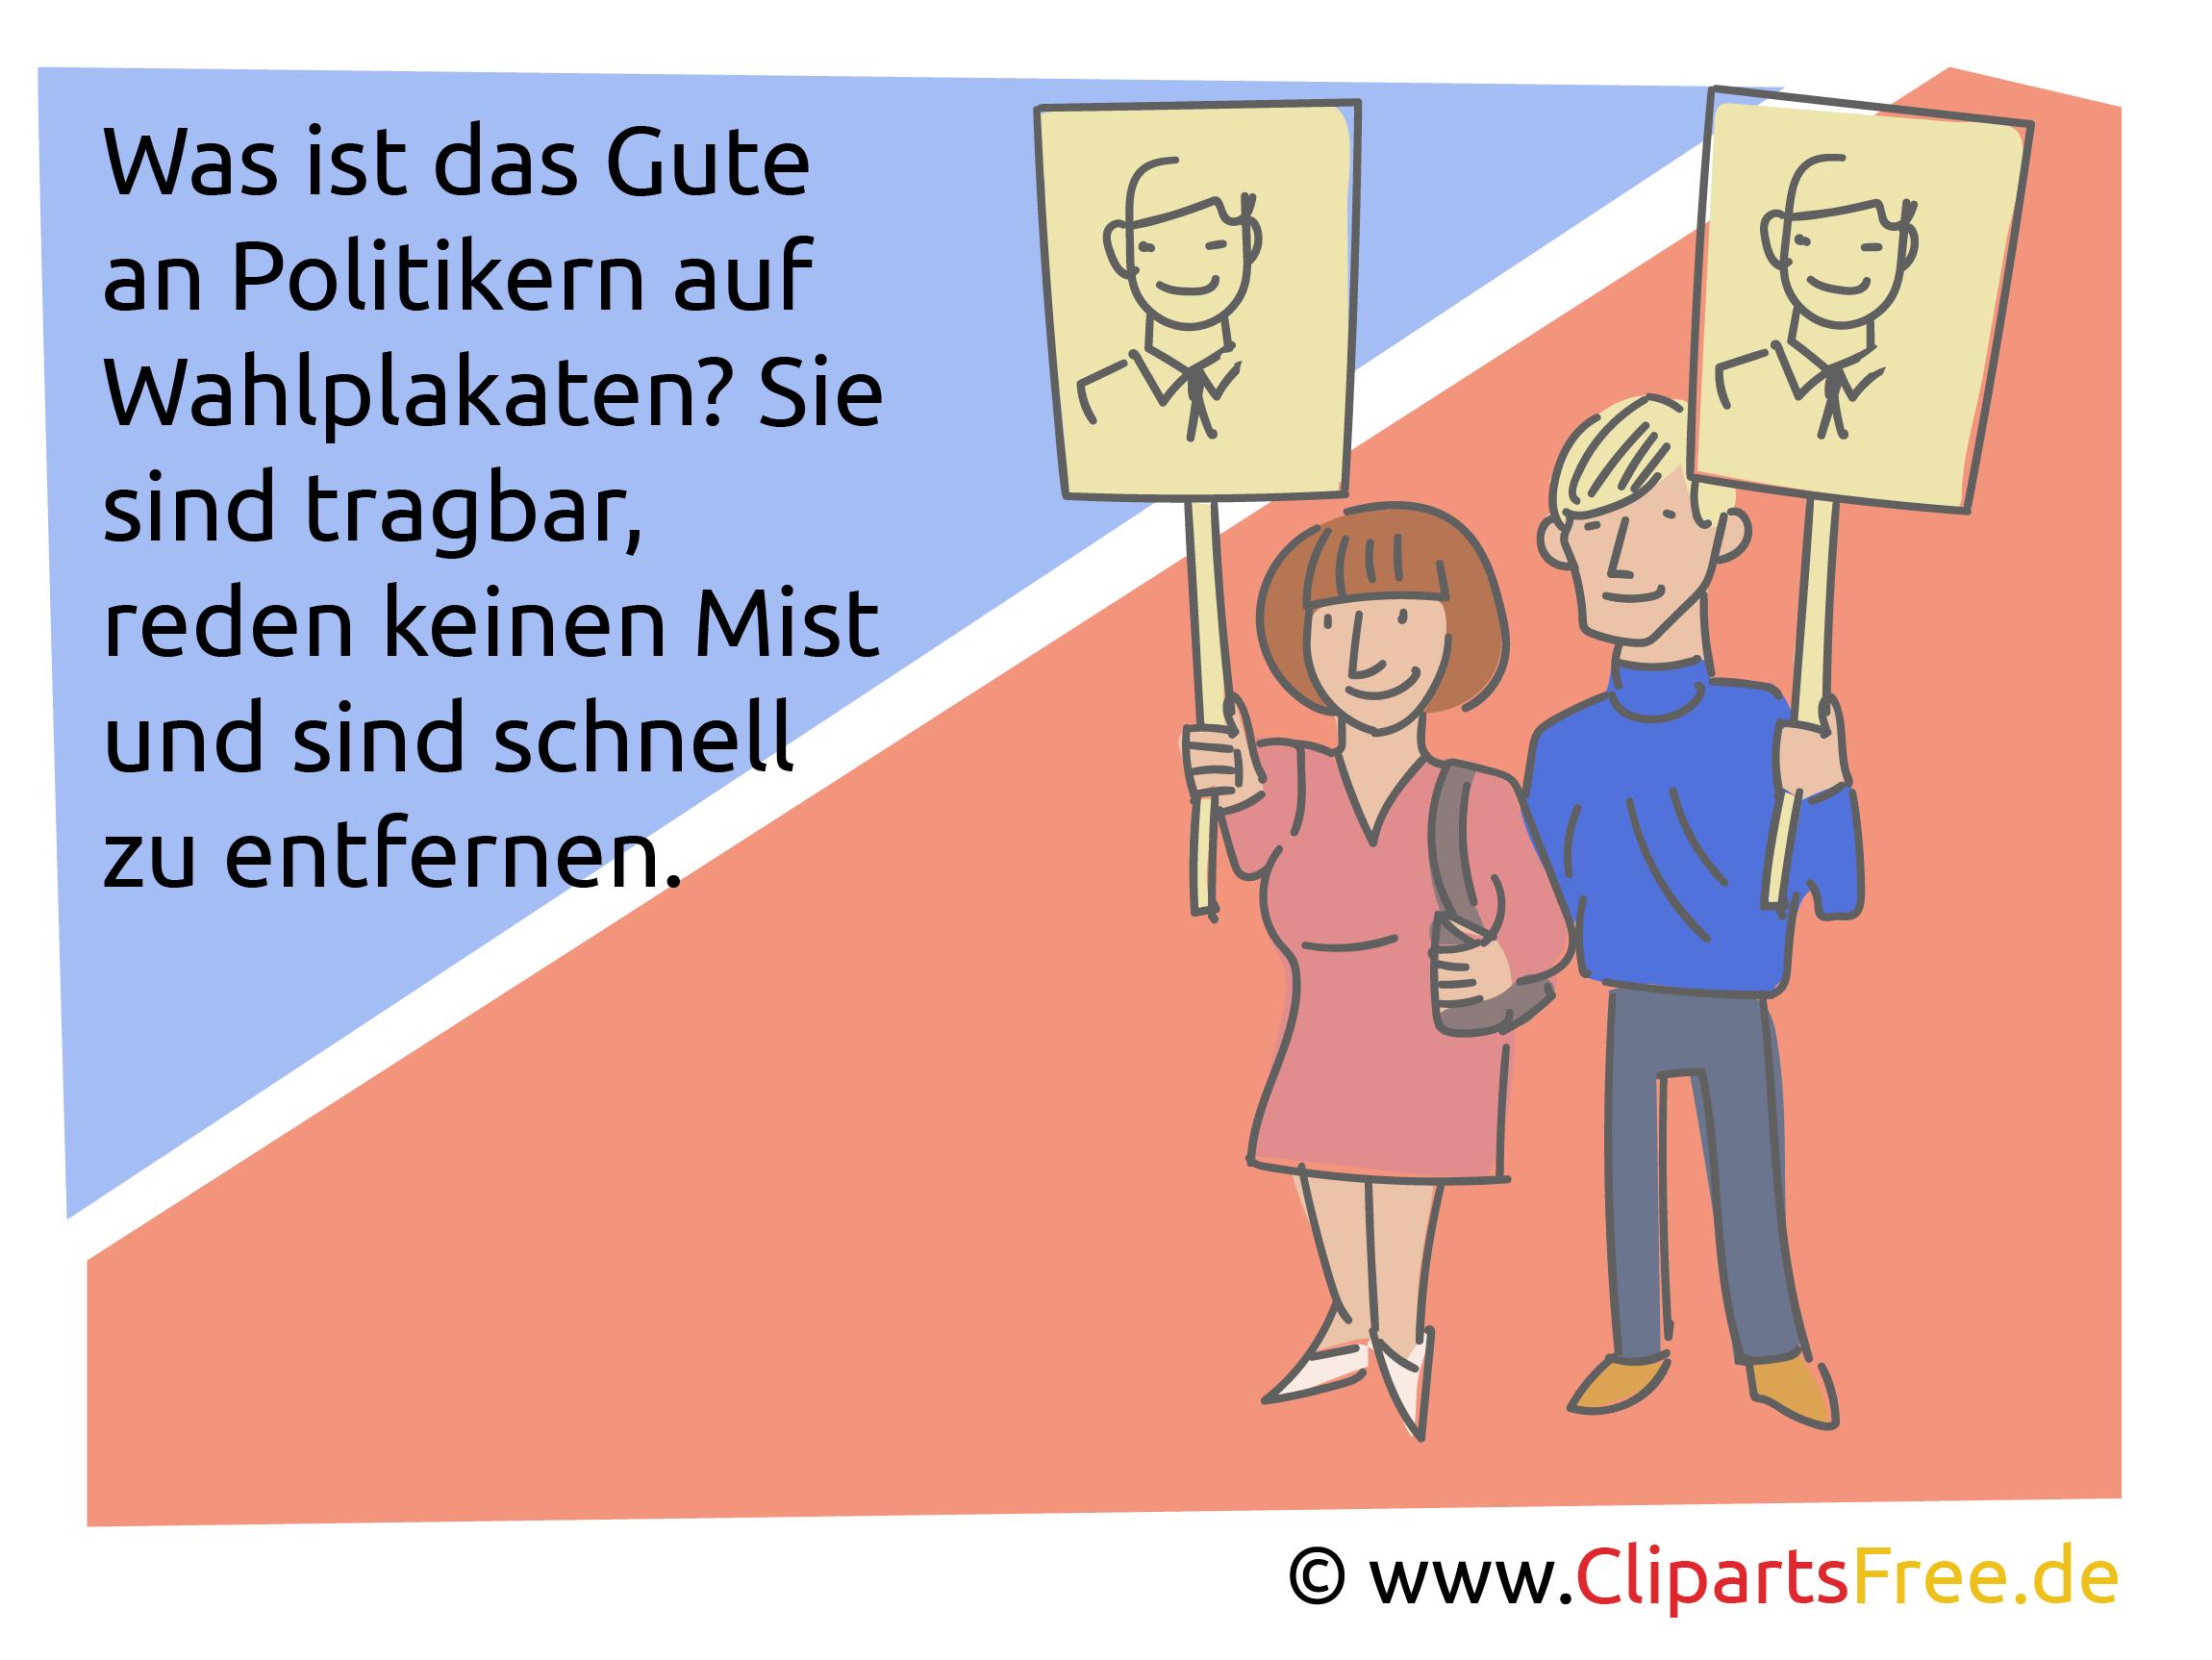 Politikerwitze - lustige Politiker Witze über Parteien und Regierung